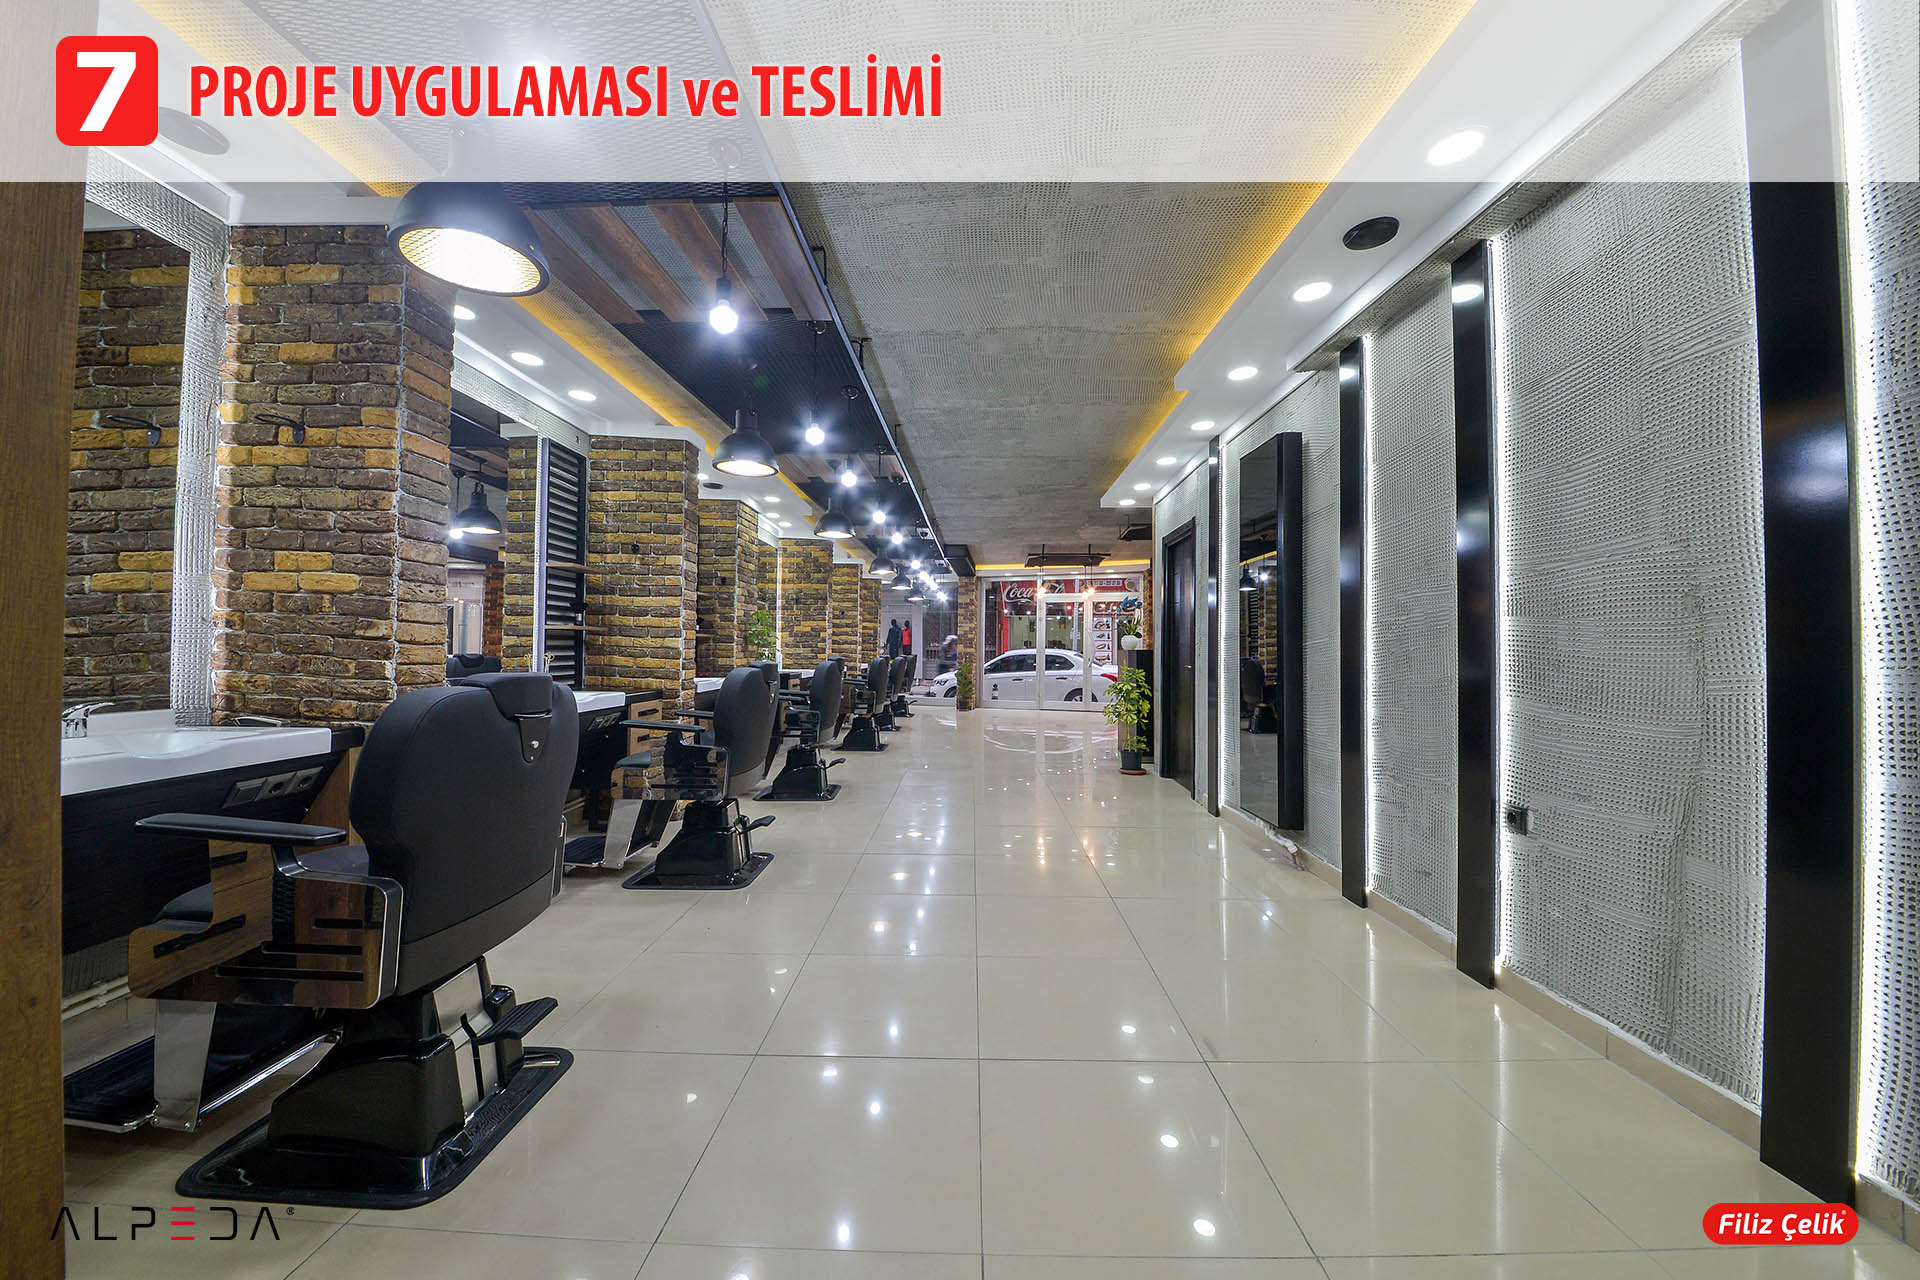 Yusuf Afşar Erkek Kuaför Salonu